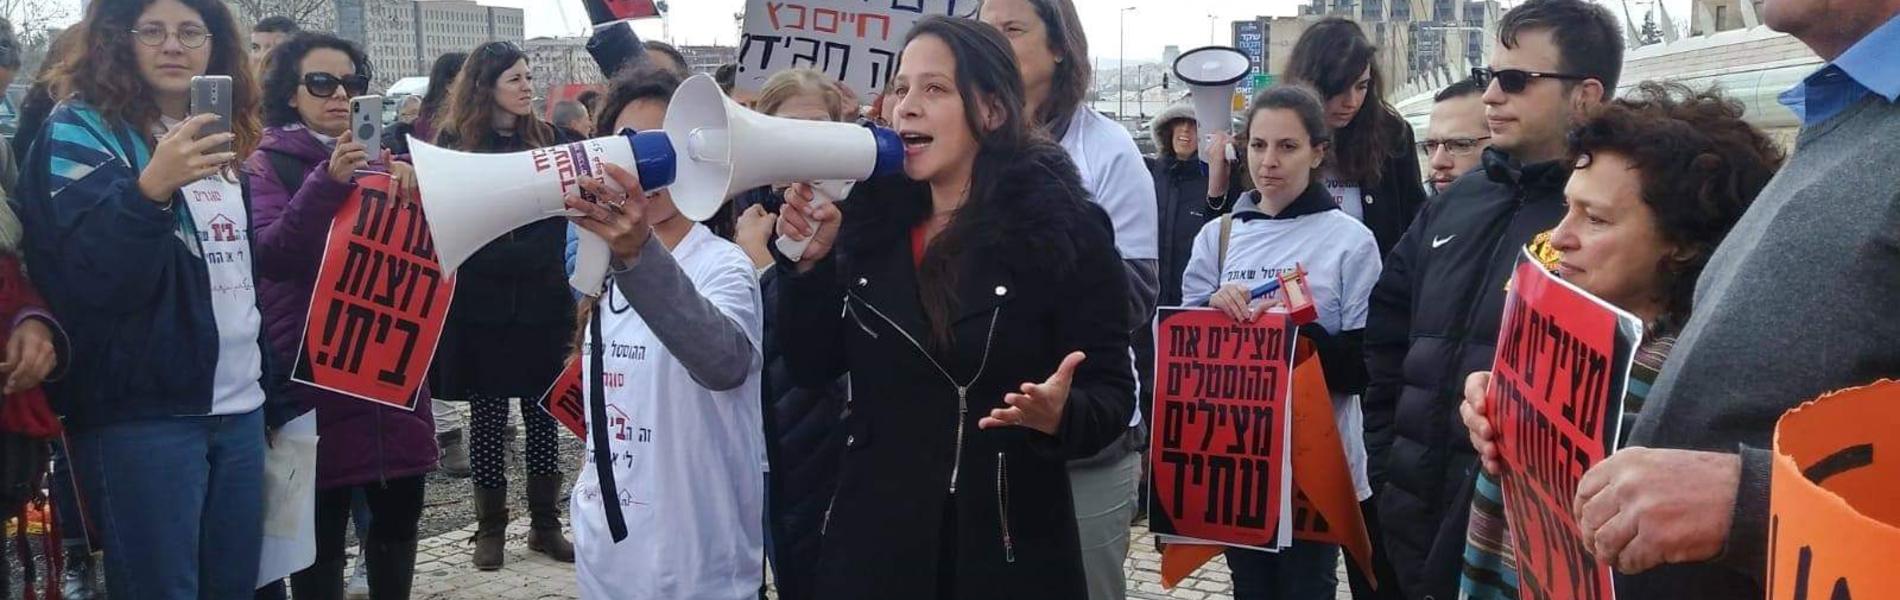 עשרות צעירות בישראל נאבקות כרגע על החיים שלהן. לא תעזרו להן?